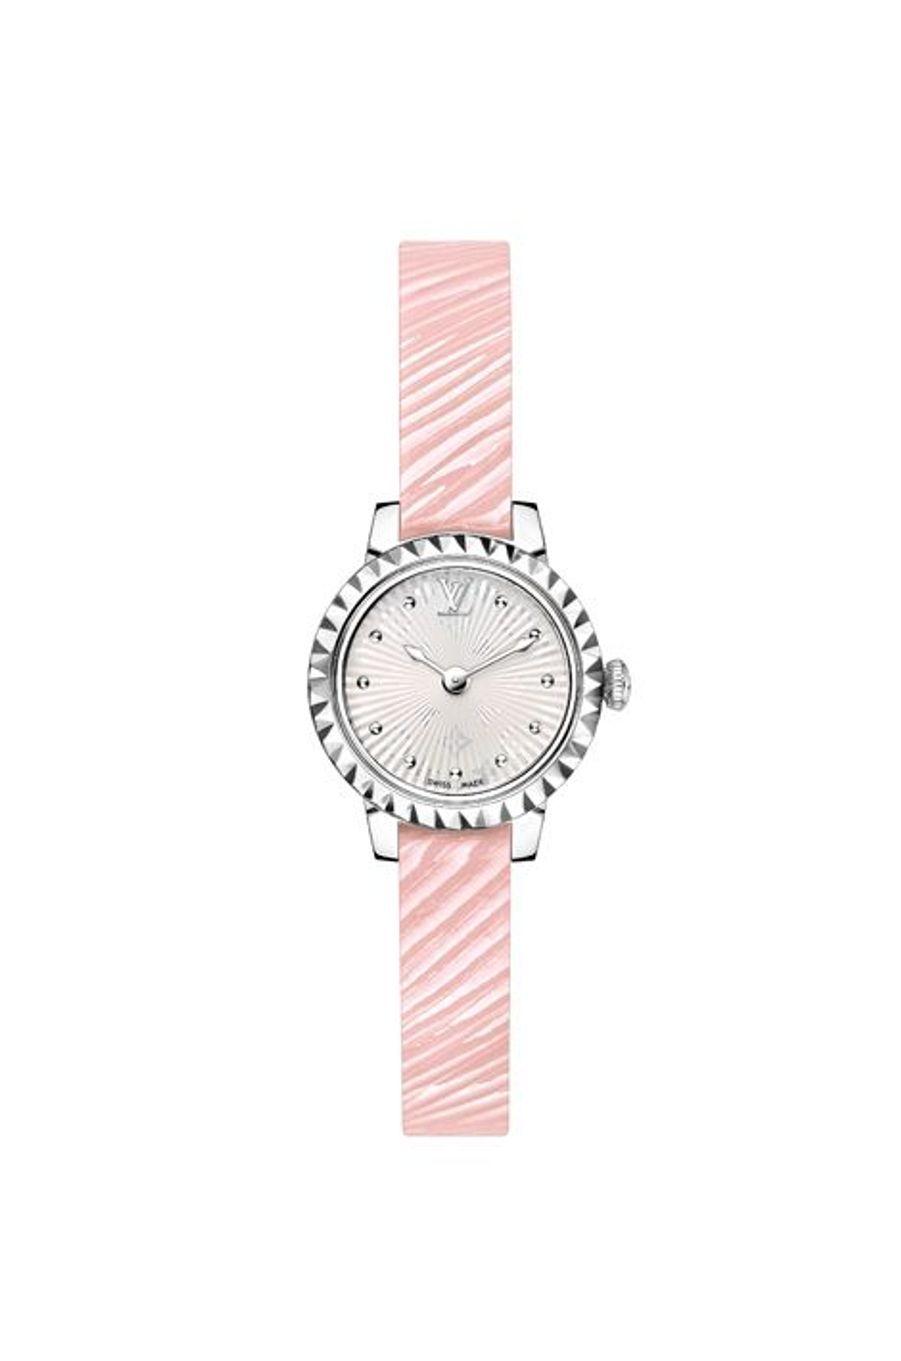 Tambour Monogram Bijou, boîte en acier,21 mm de diamètre, cadran opalin argenté, effet Hologram Monogram, bracelet en cuir Epi rose. Mouvement à quartz. Louis Vuitton. 2 600 €.